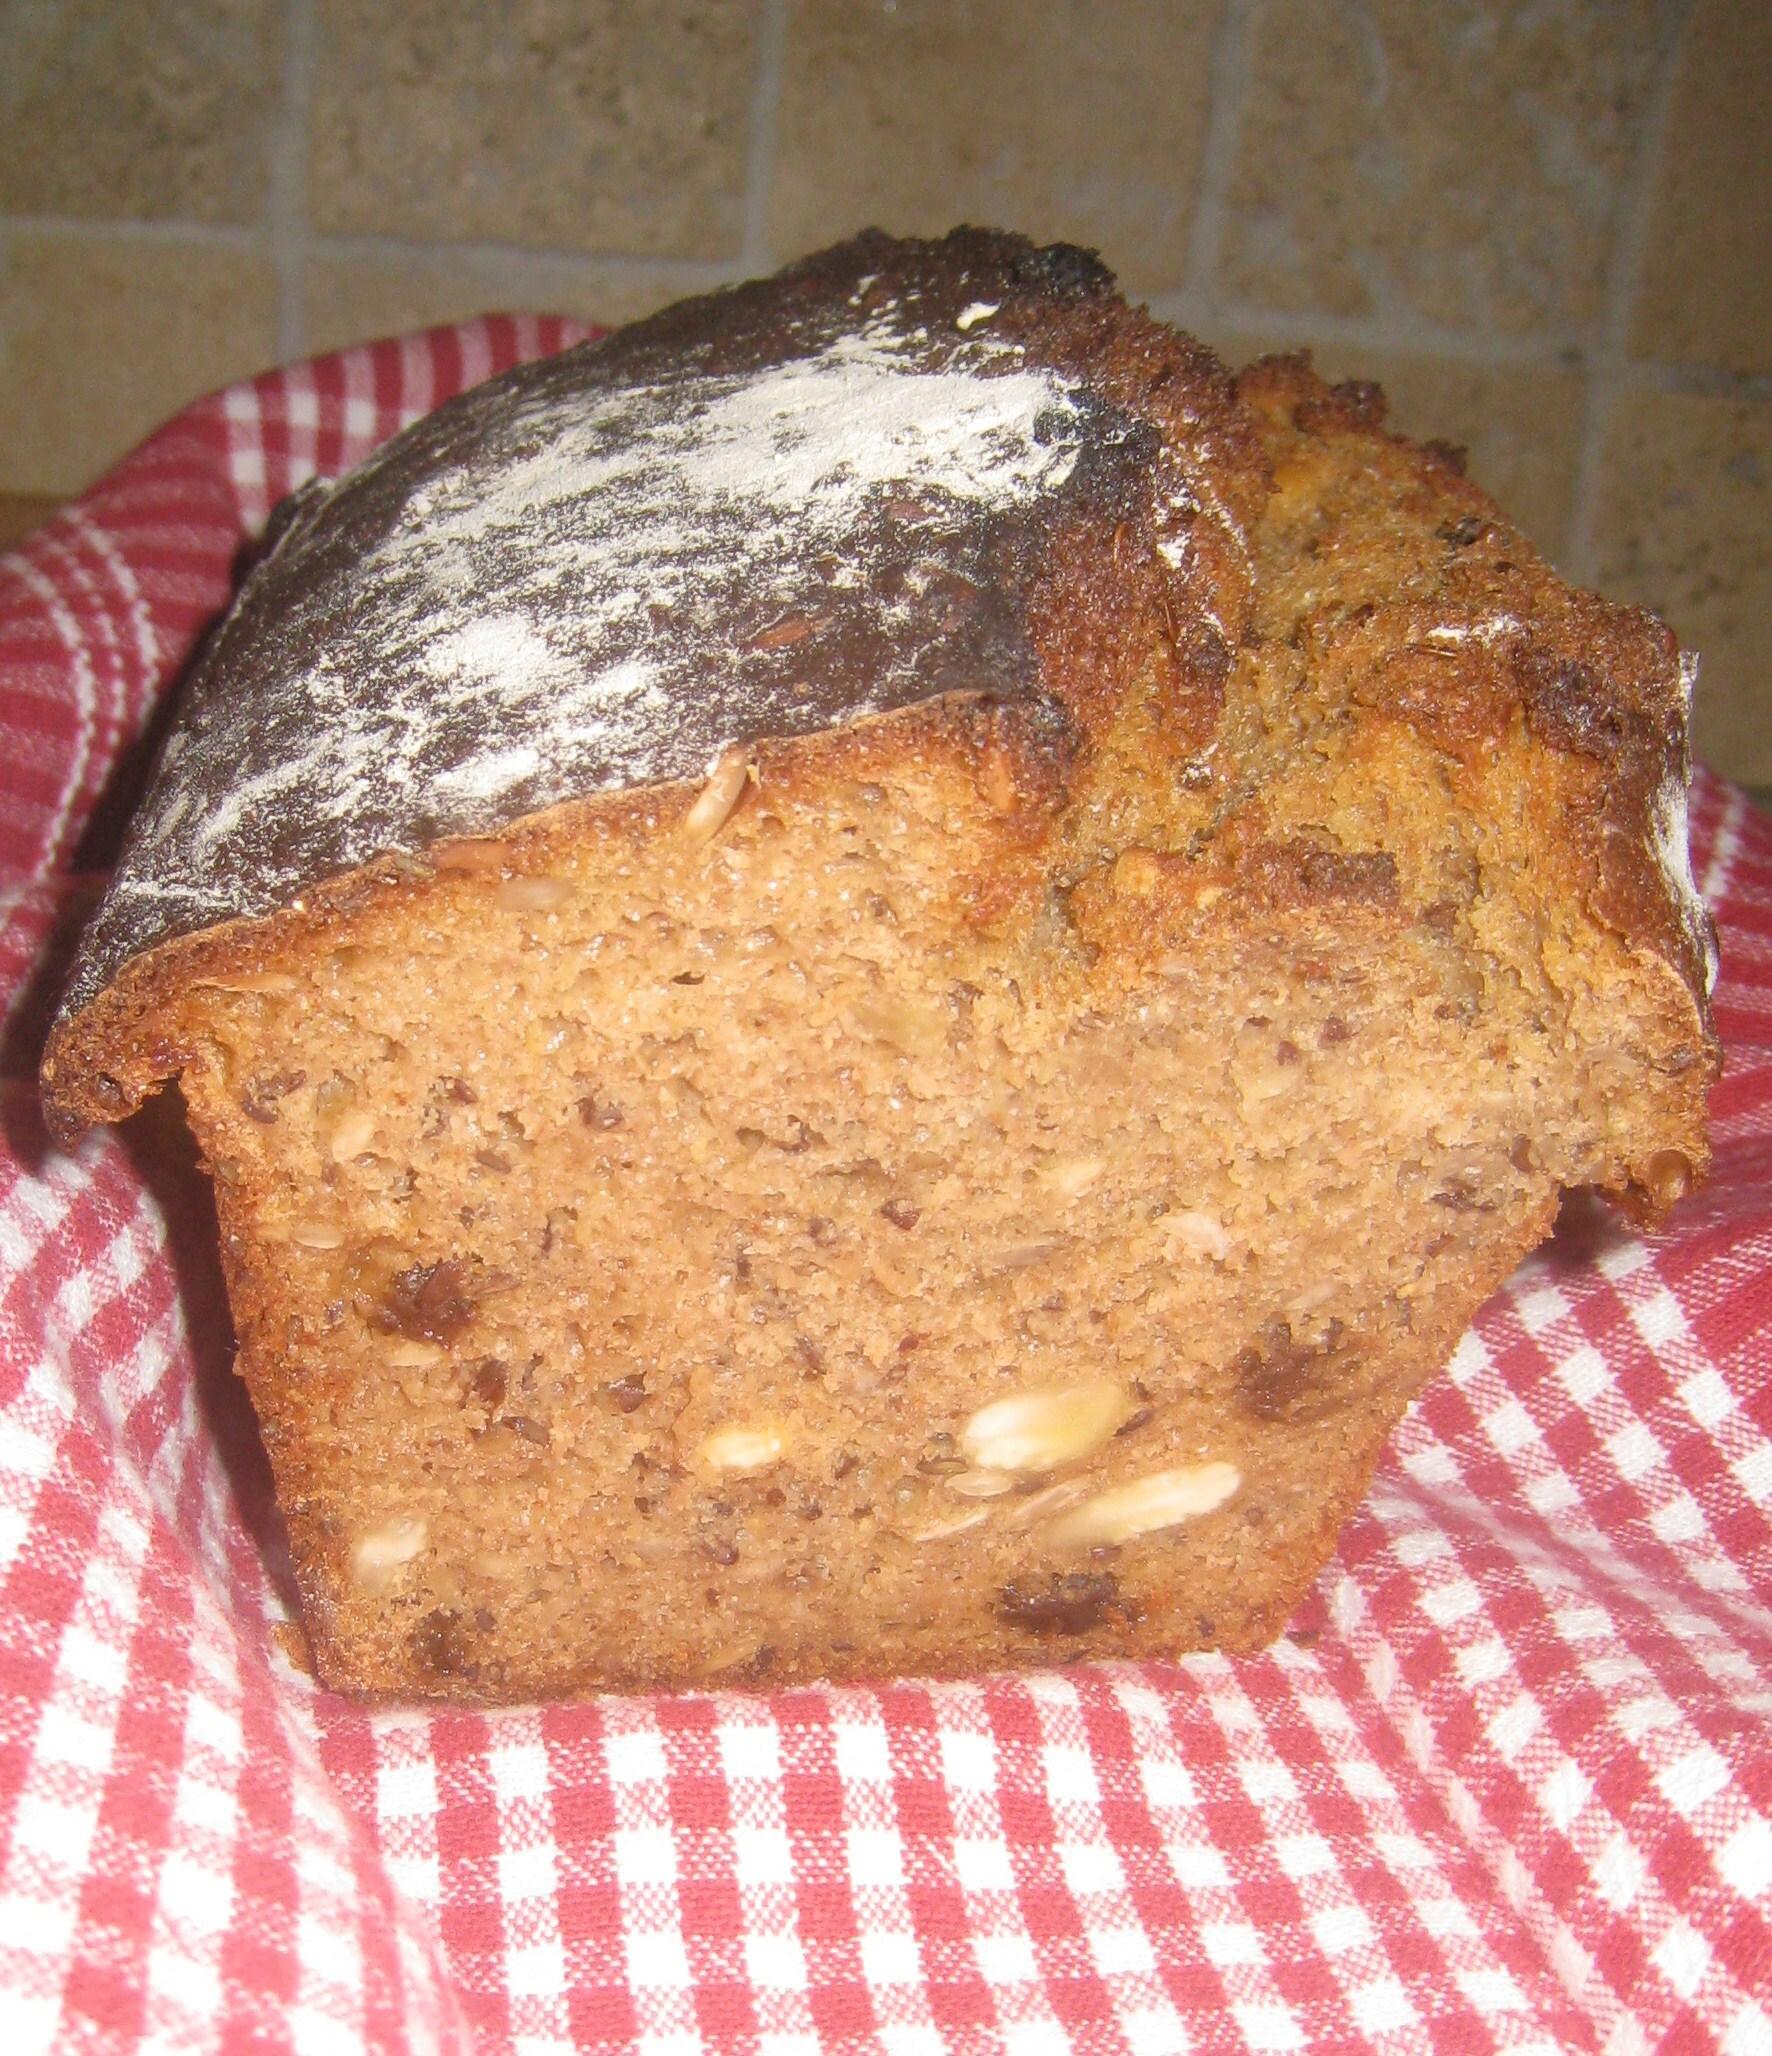 bröd bikarbonat filmjölk sirap solrosfrö linfrö